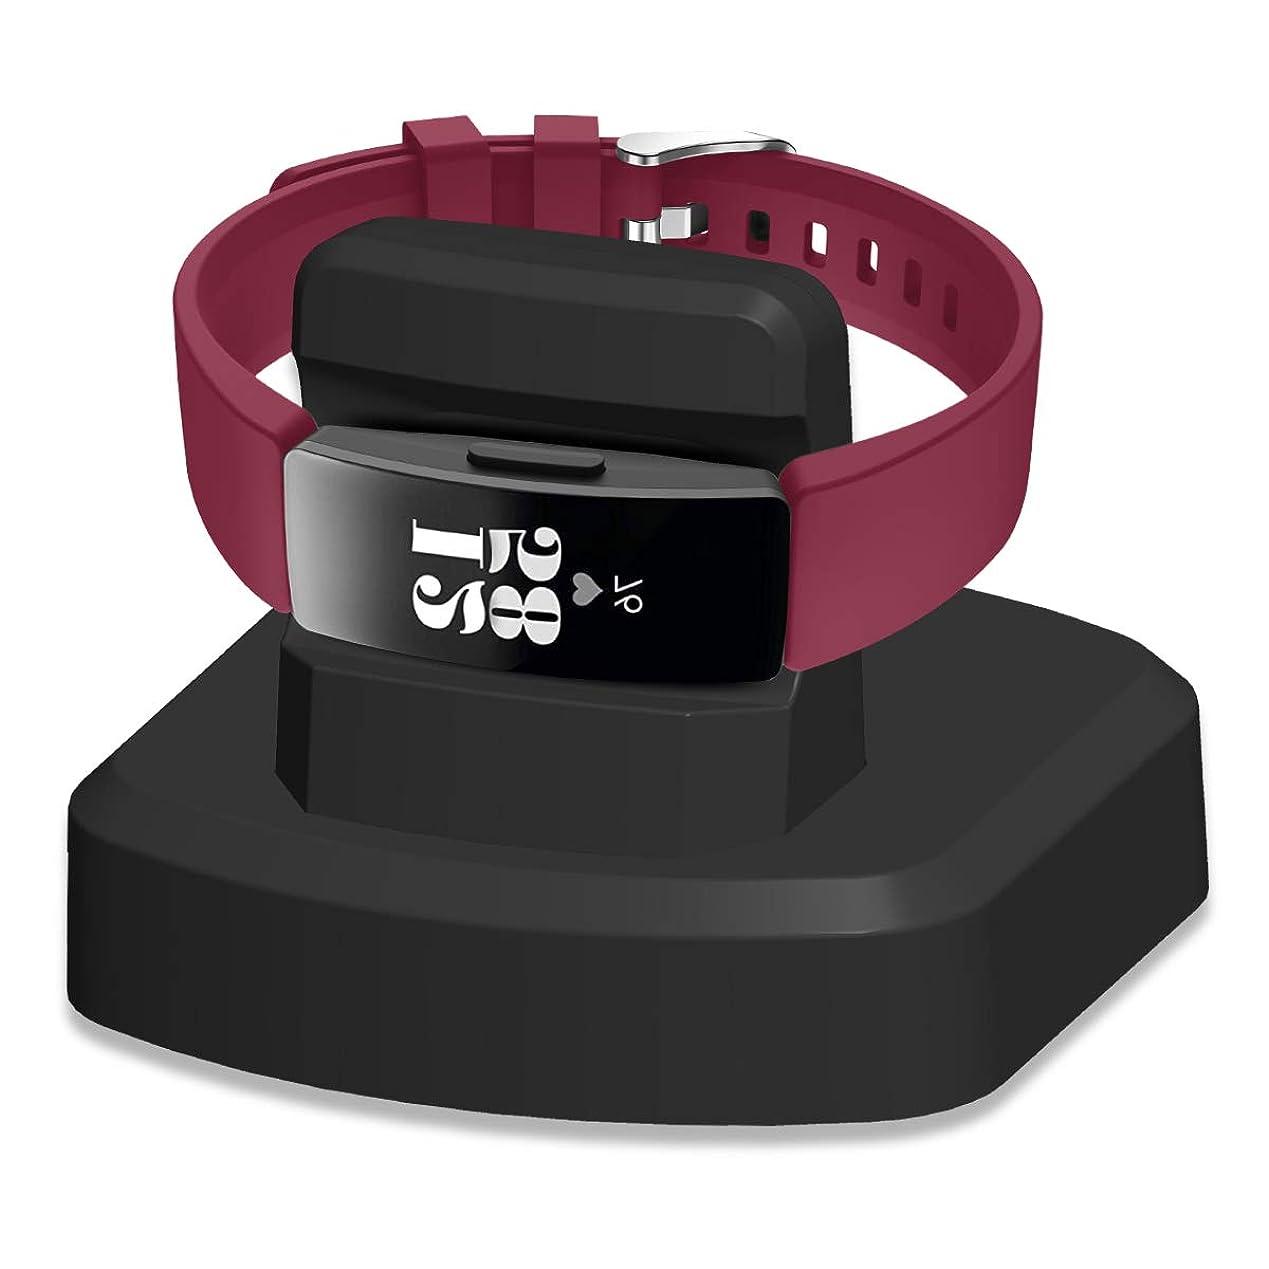 推測くすぐったい拡散するKartice for Fitbit Inspire/Fitbit Inspire HR専用充電スタンド 丈夫的な高級プラスチック製 USBケー ブル付きクレードル 充電クレードルドック/チャージャースタンド (ブラック)